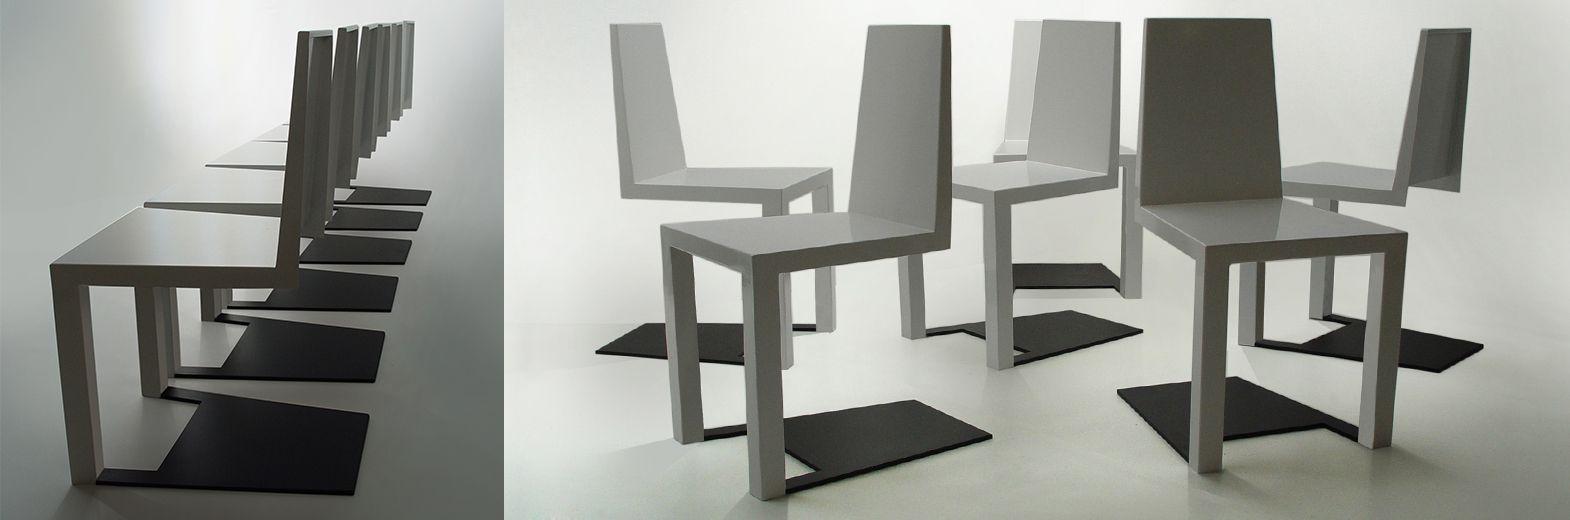 Shadow Chair - Duffy London